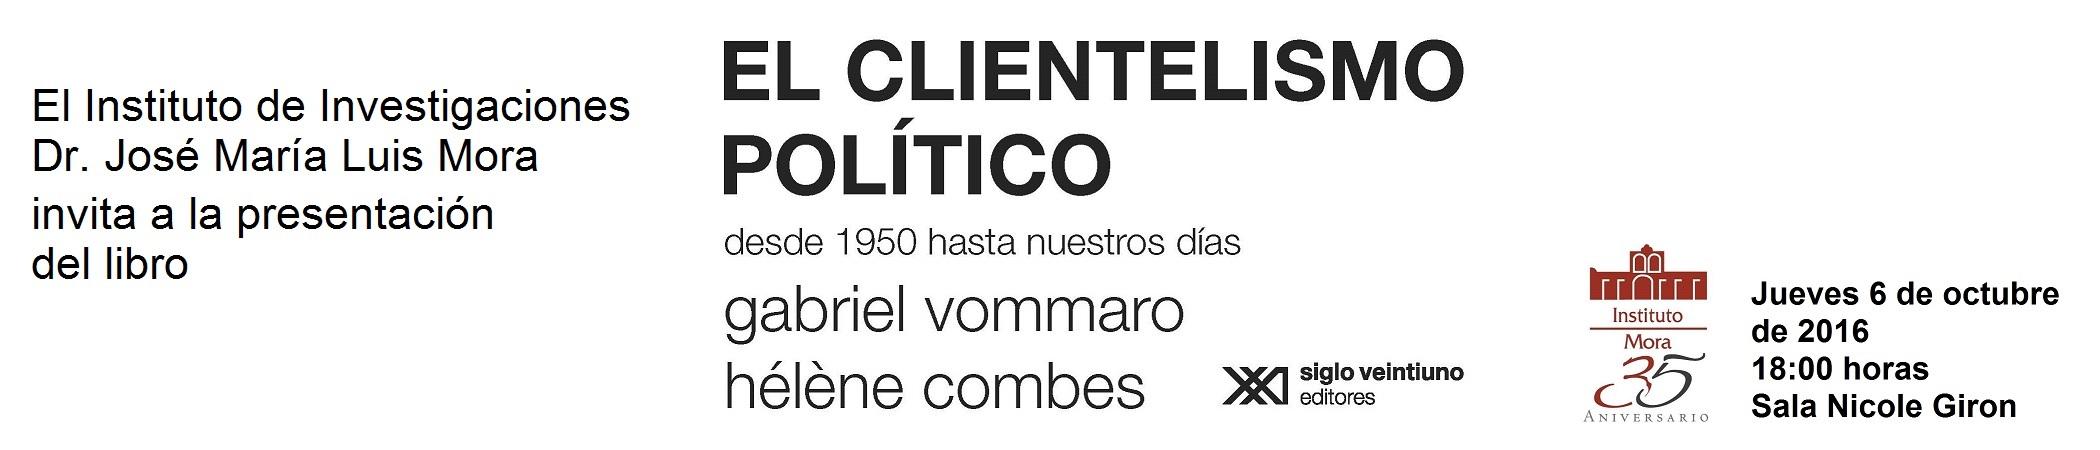 Presentación del libro Clientelismo político. Desde 1950 hasta nuestros días